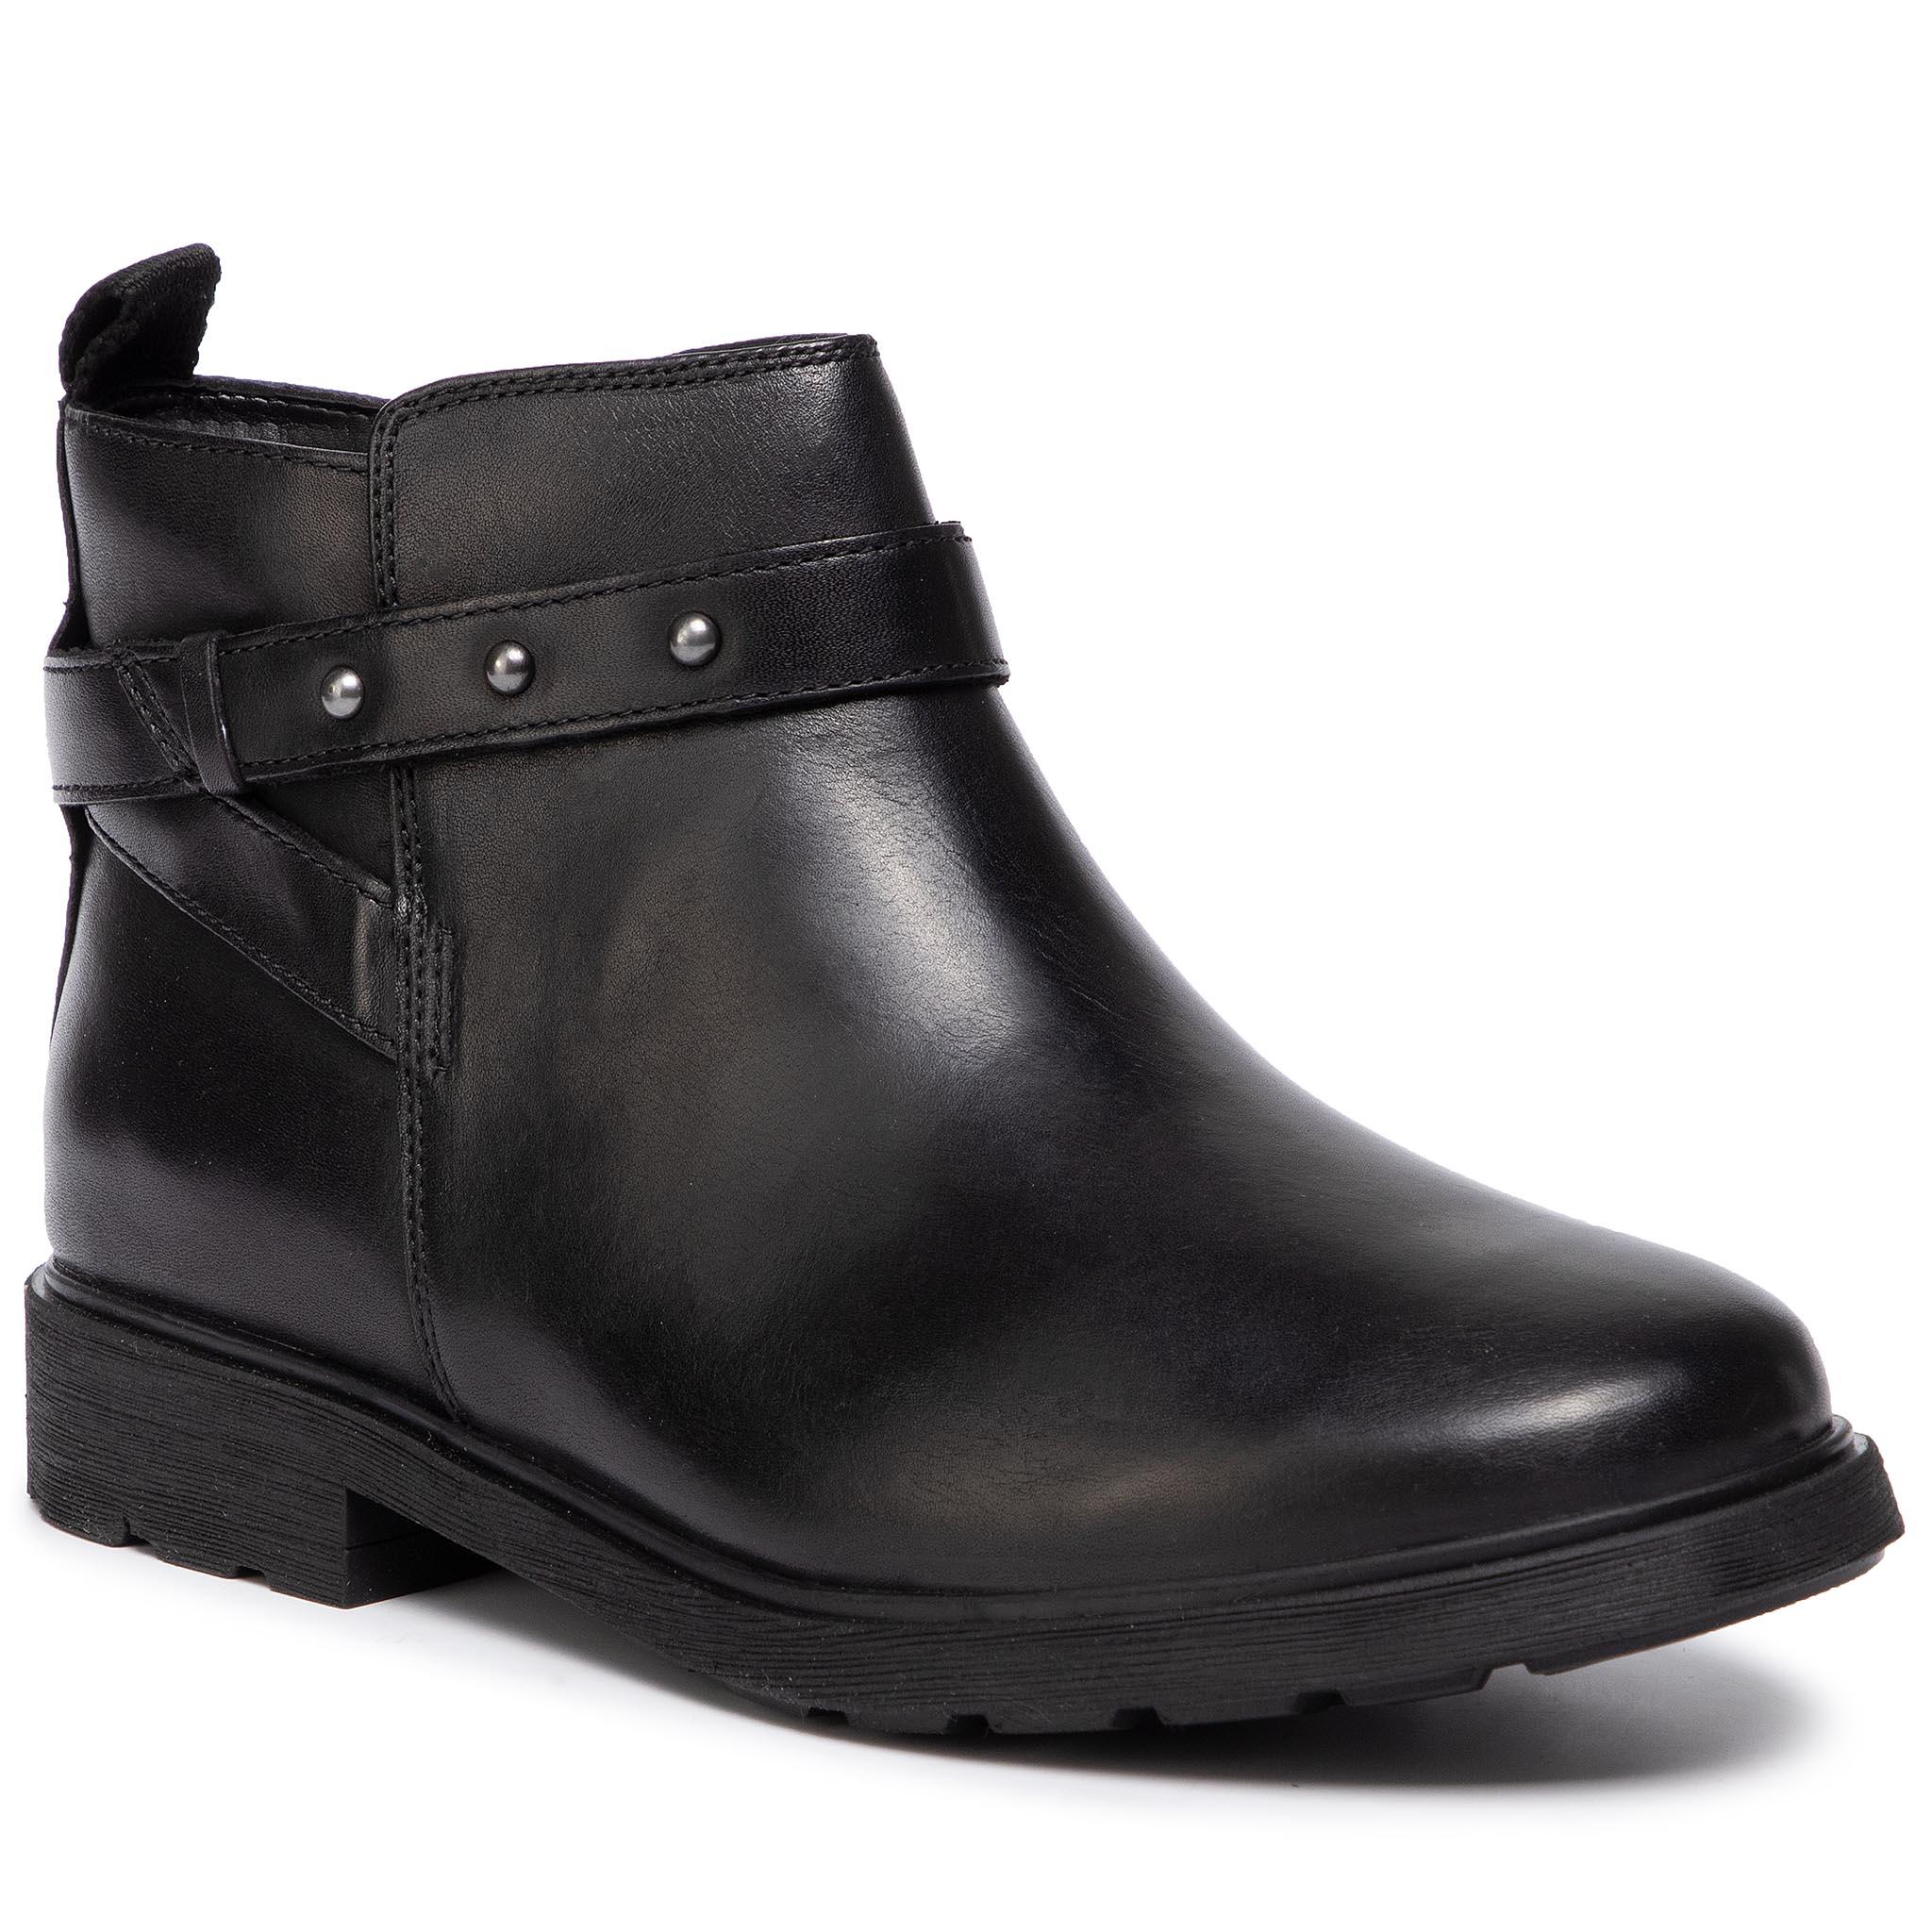 Botas CLARKS Poise Freya 261360064 Black Leather Negro cuero